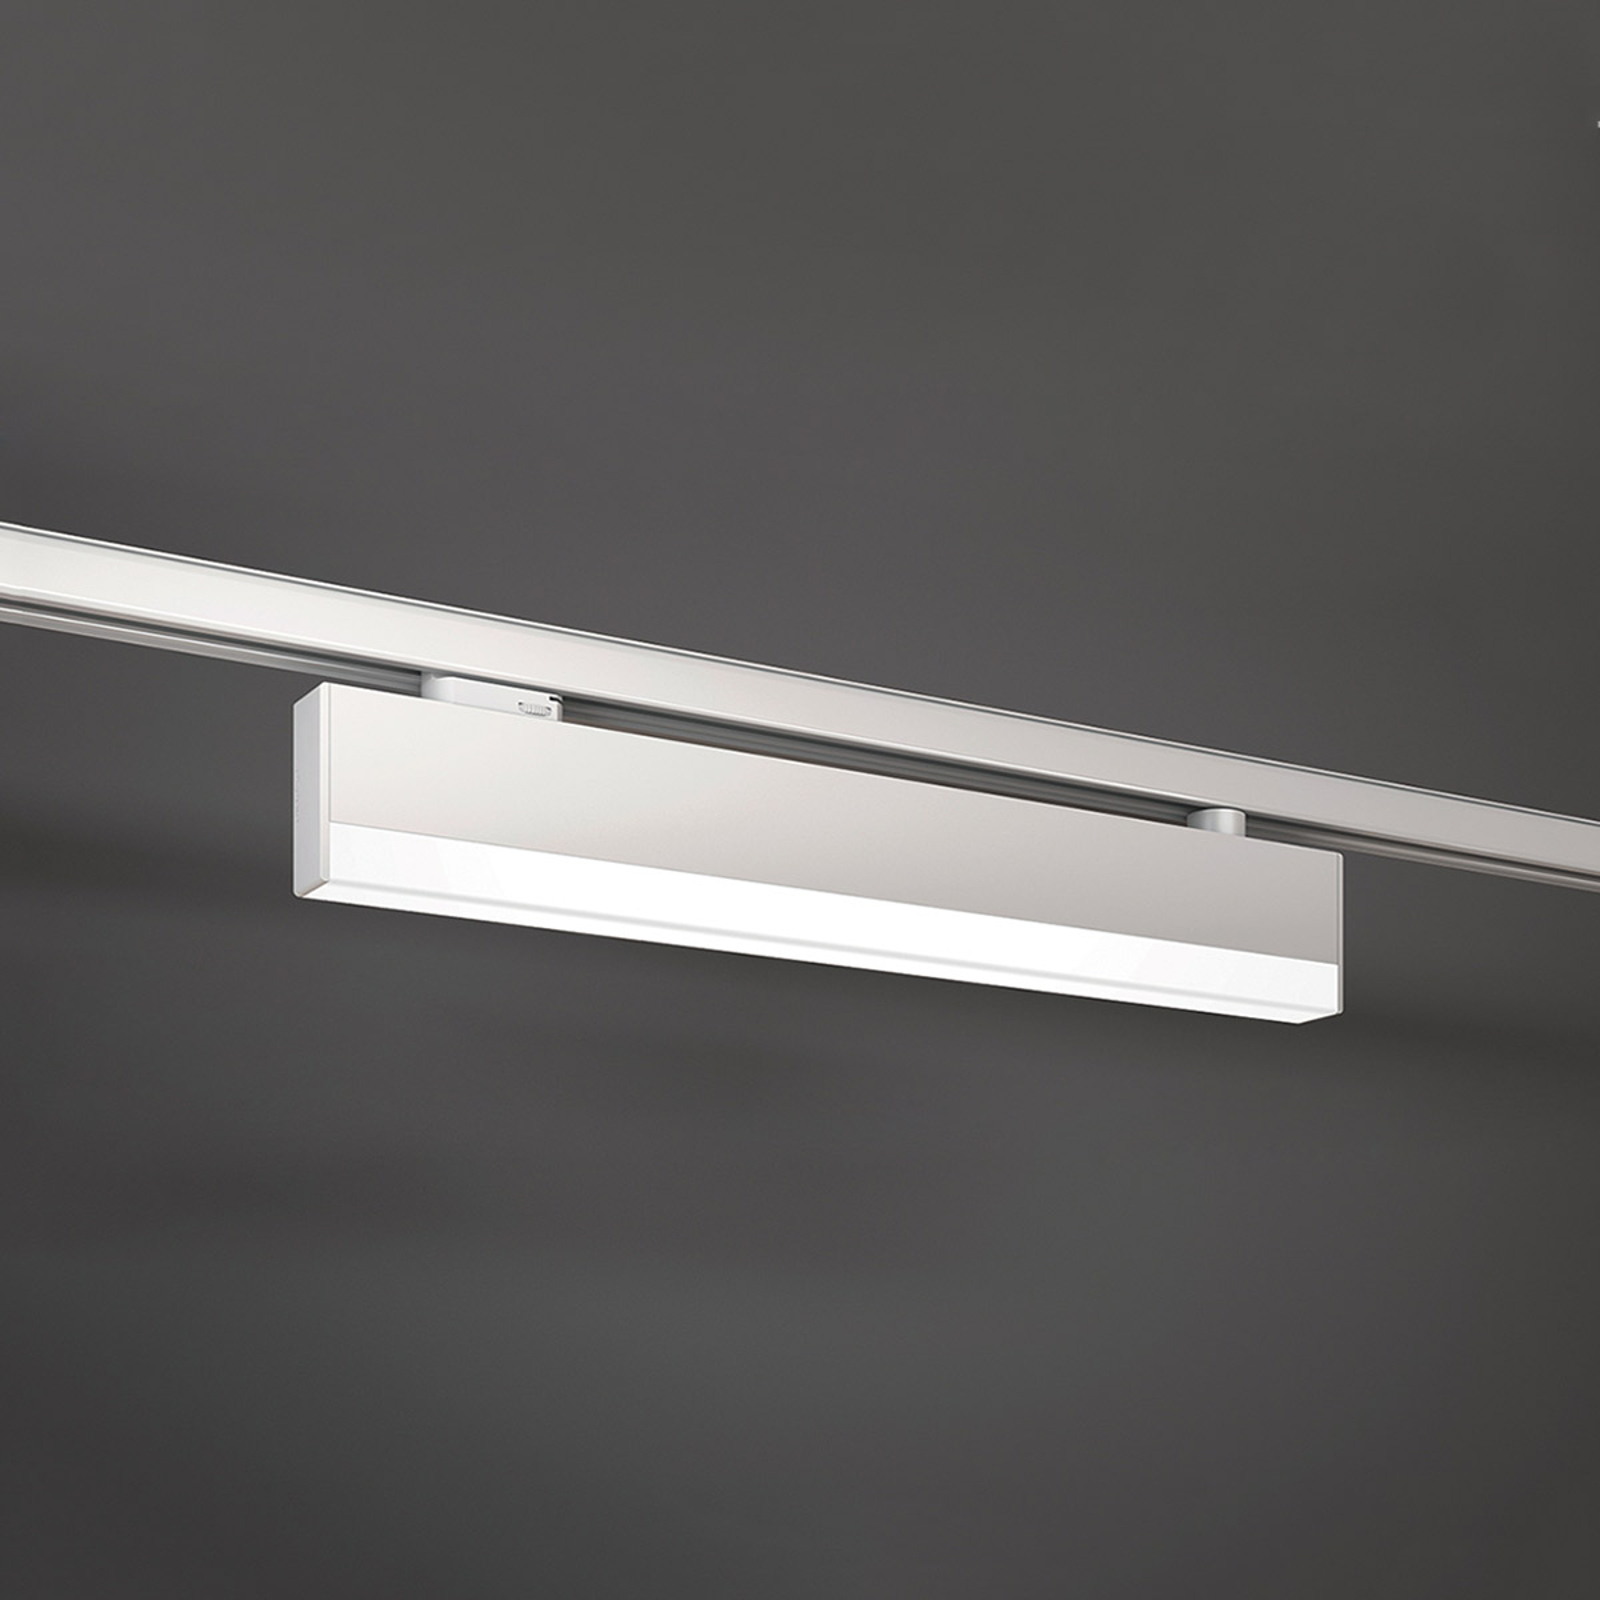 Lampada LED chiara per binario a 3 fasi bianco